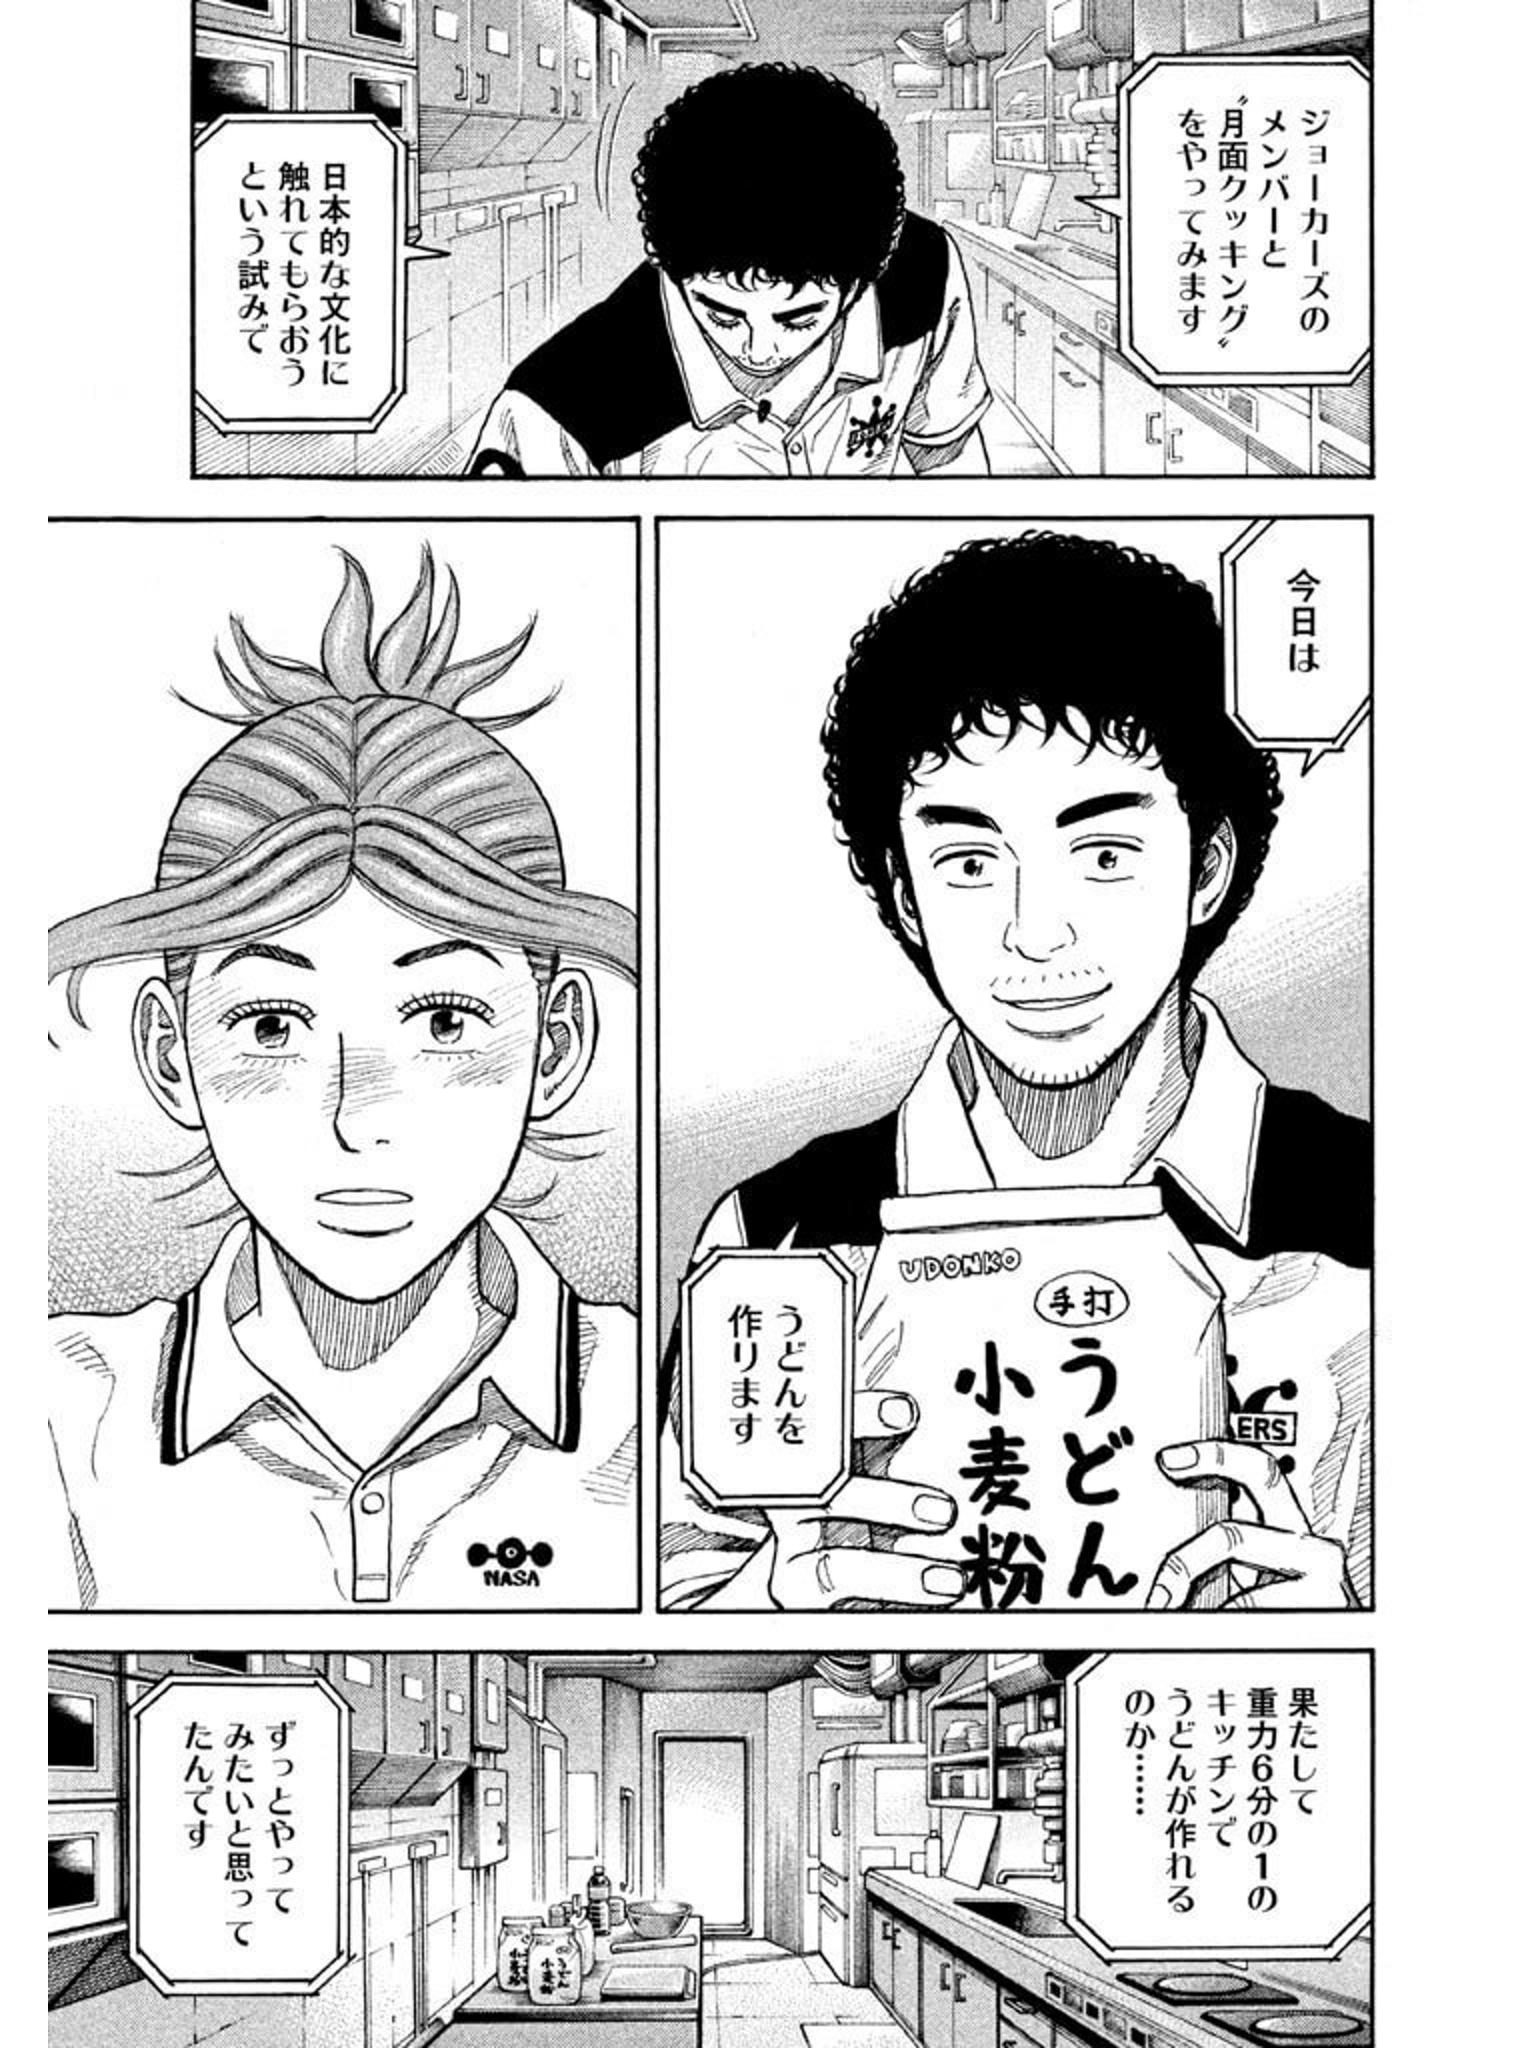 uchukyodai_vol.27_jp_132